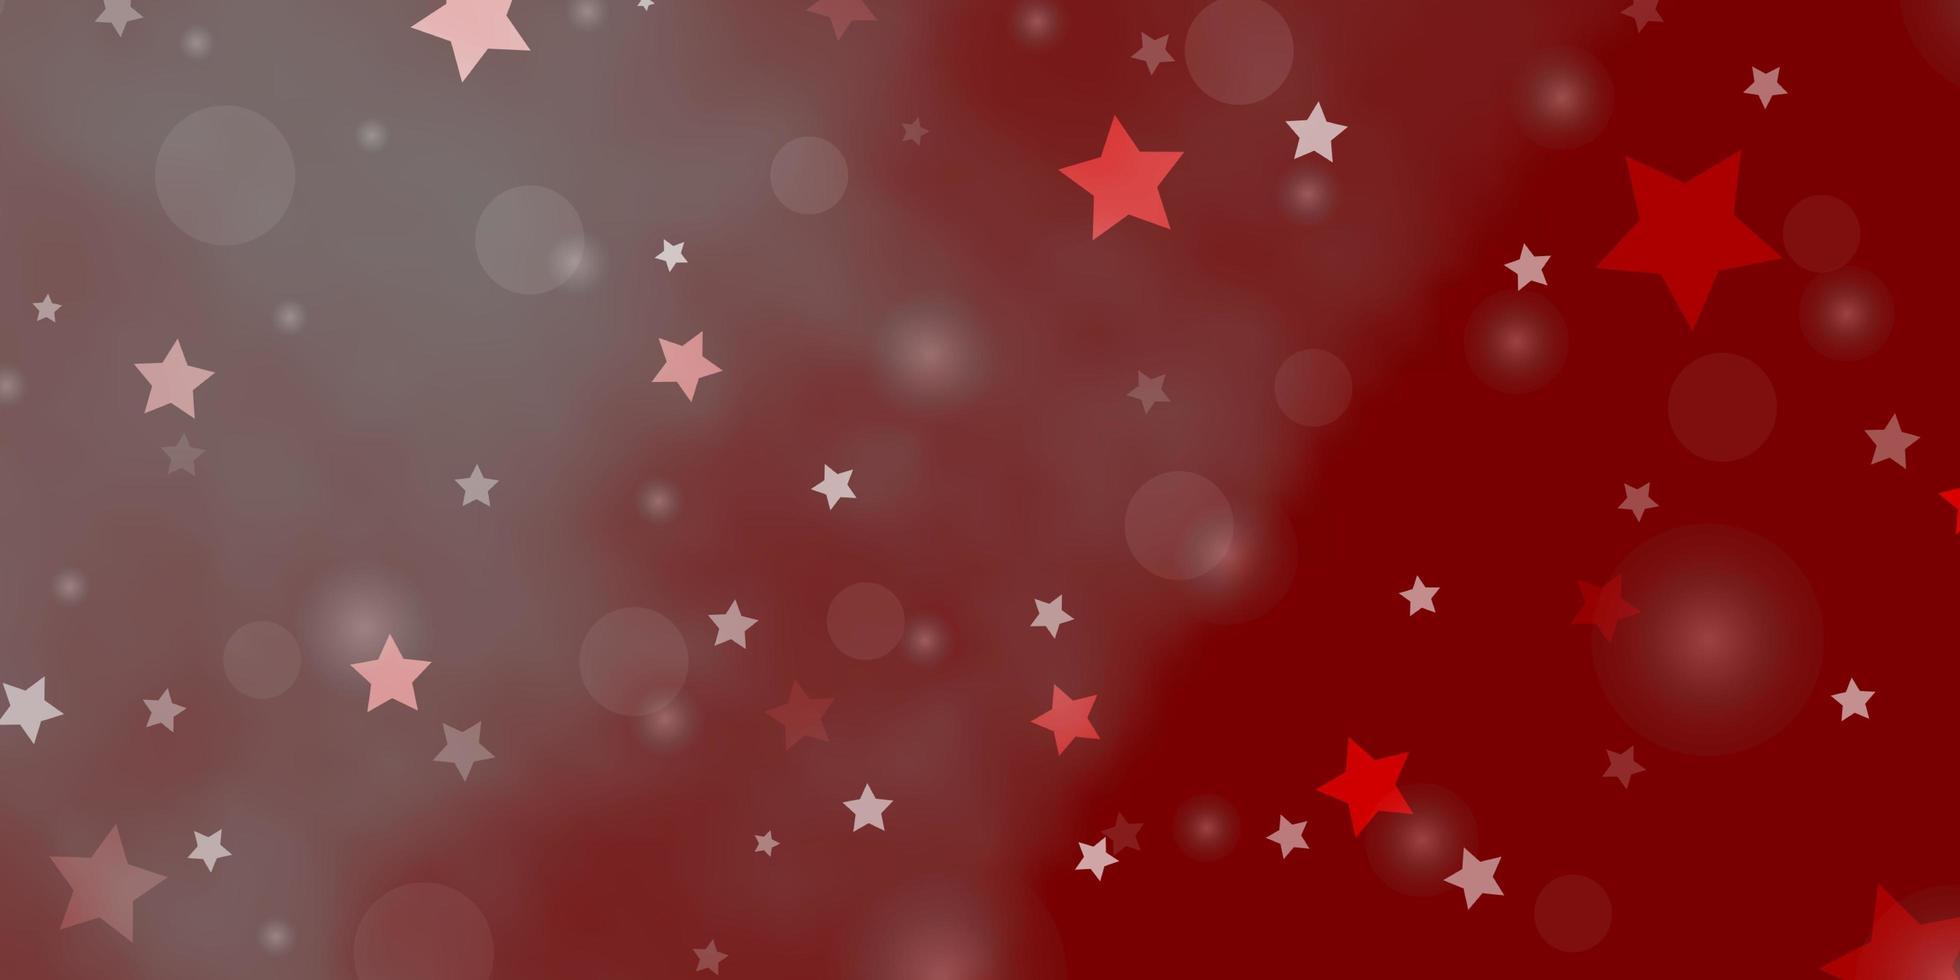 sfondo vettoriale rosso chiaro con cerchi, stelle.